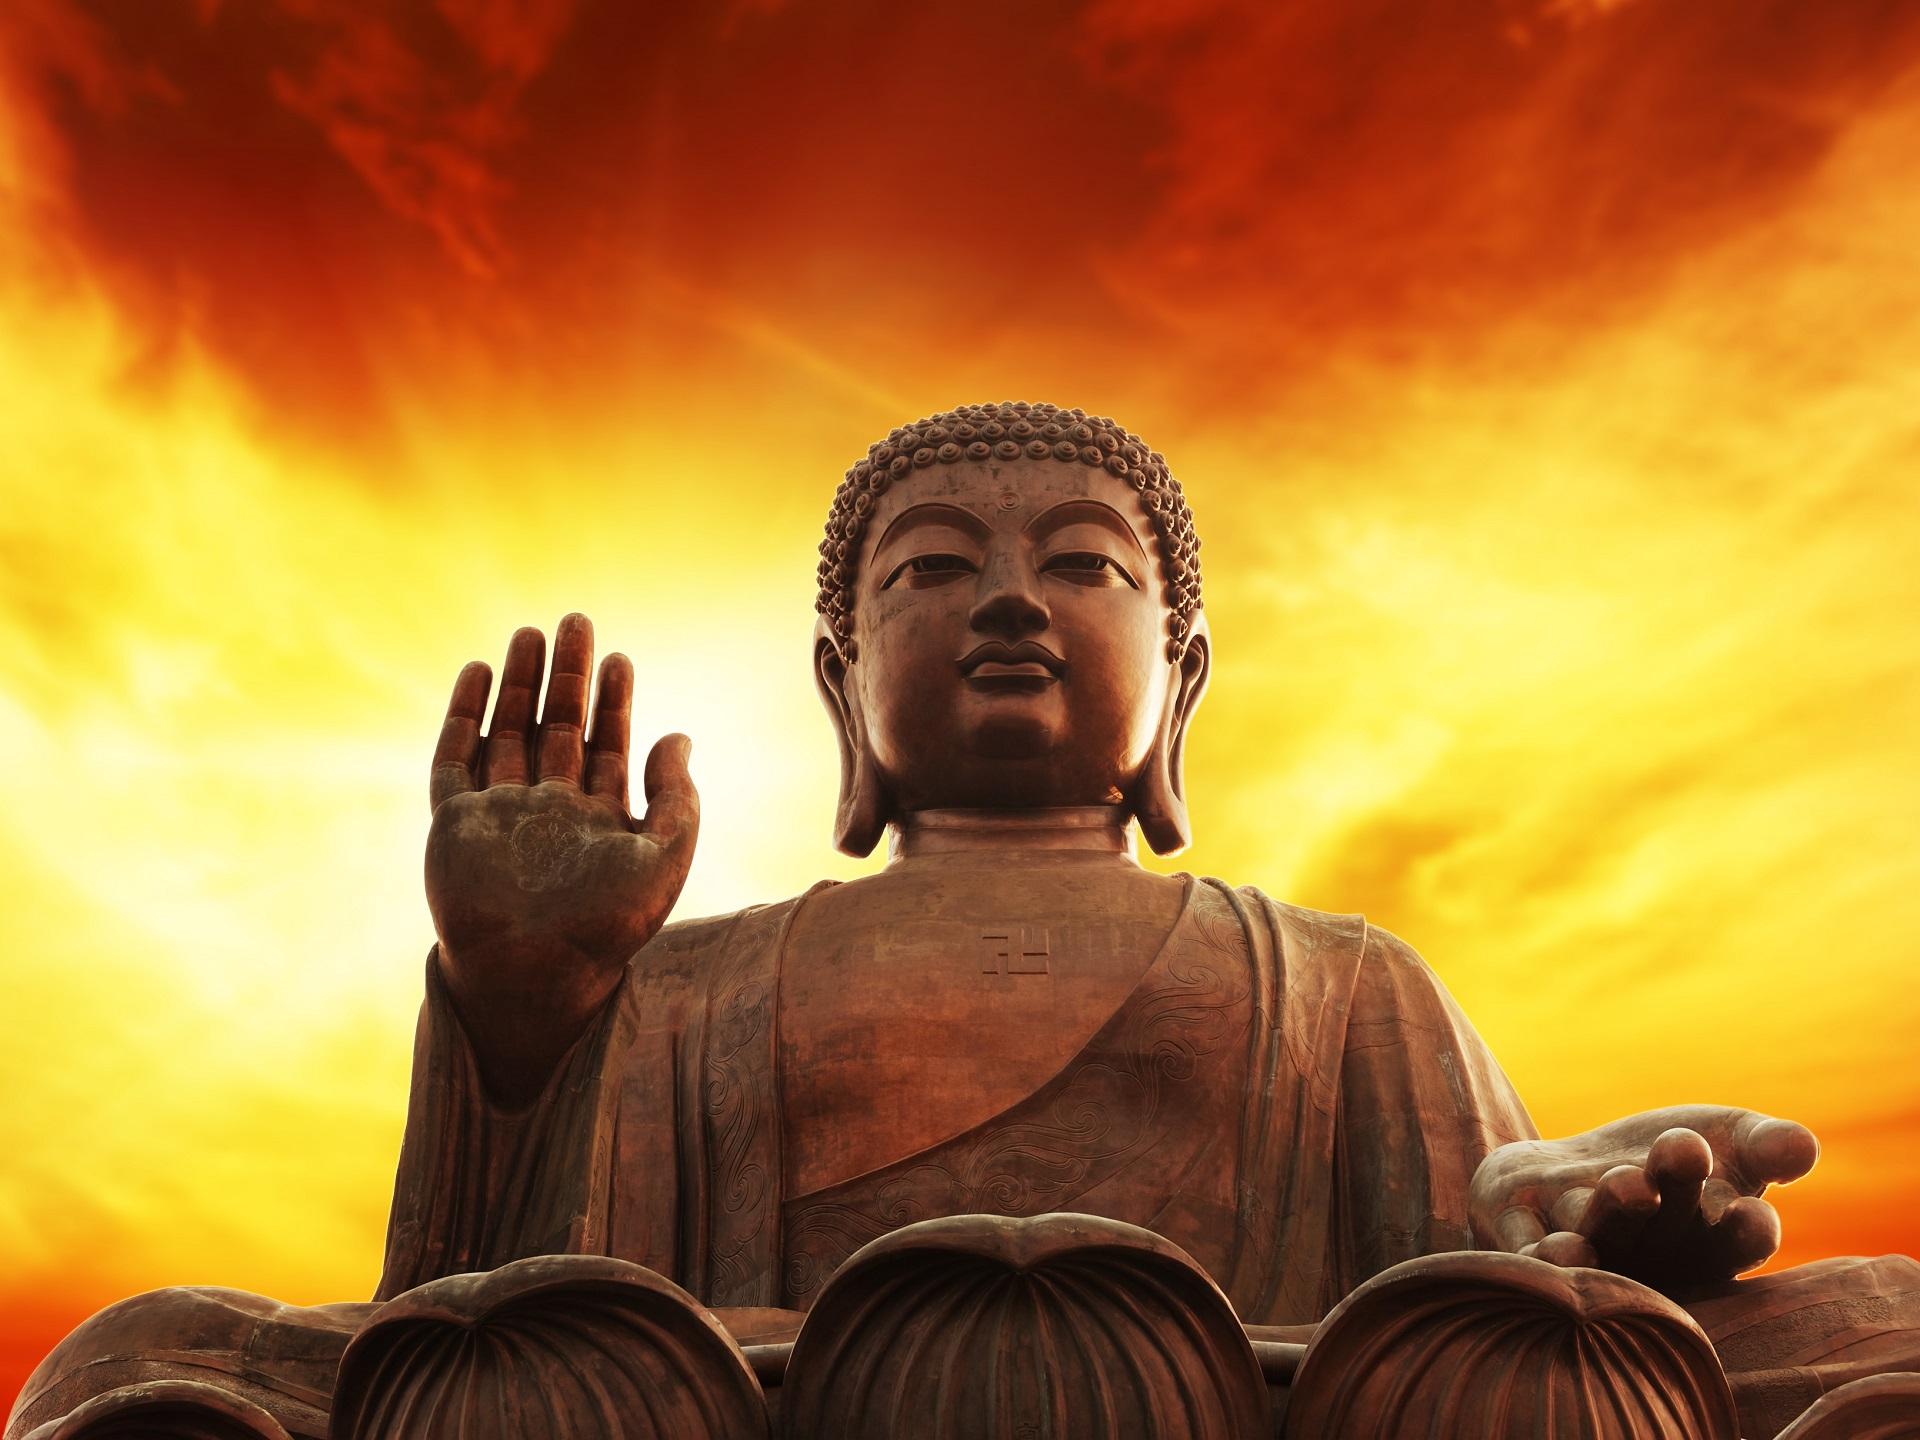 Буддизм: кратко о религии. Доступно и понятно